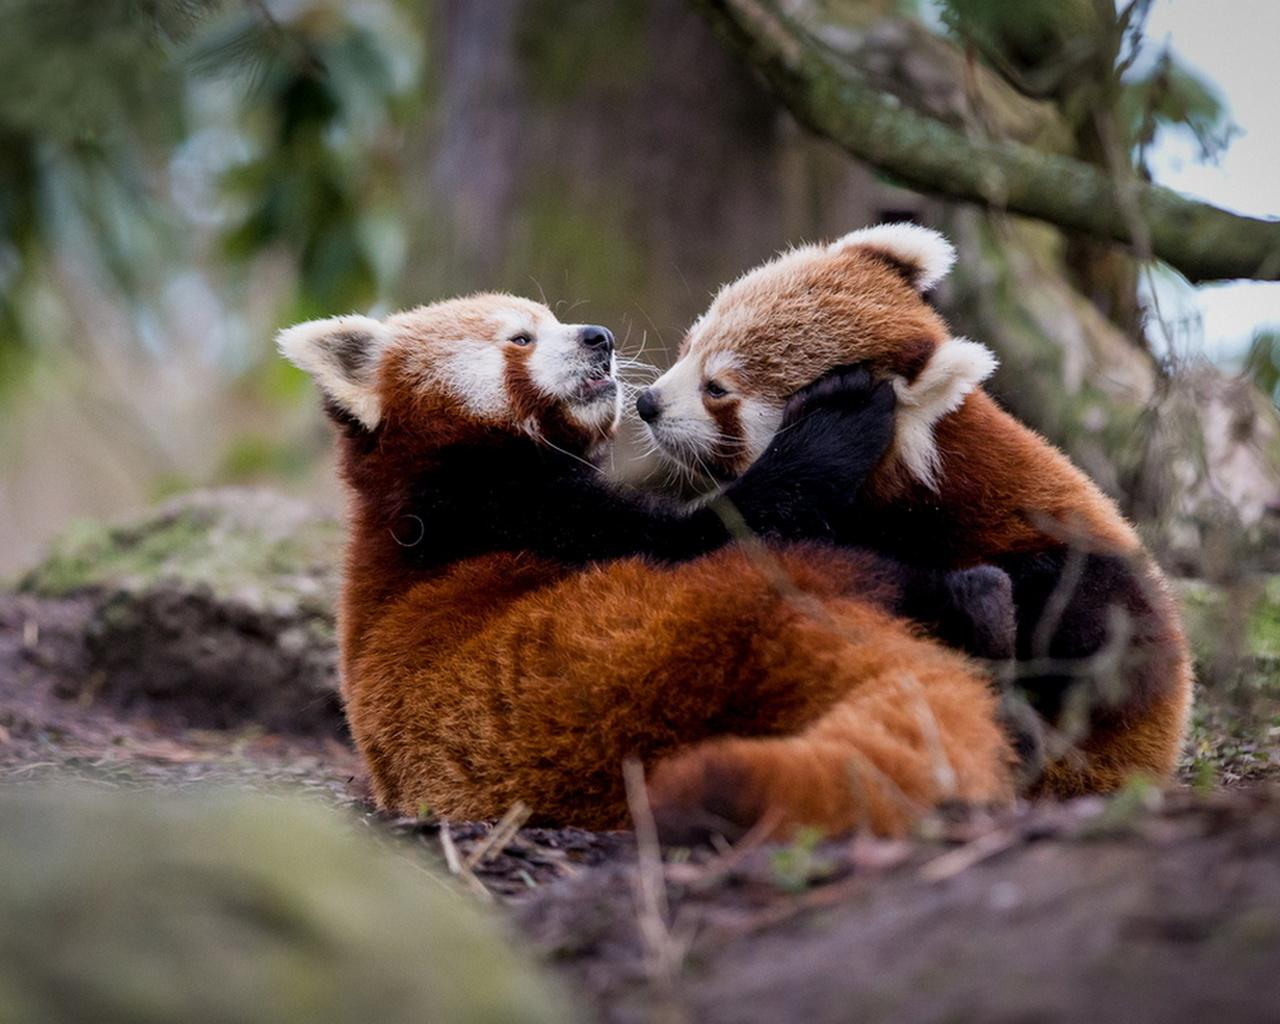 красная панда, морда, глаза, нос, уши, ветка, красота, позитив, прикольно